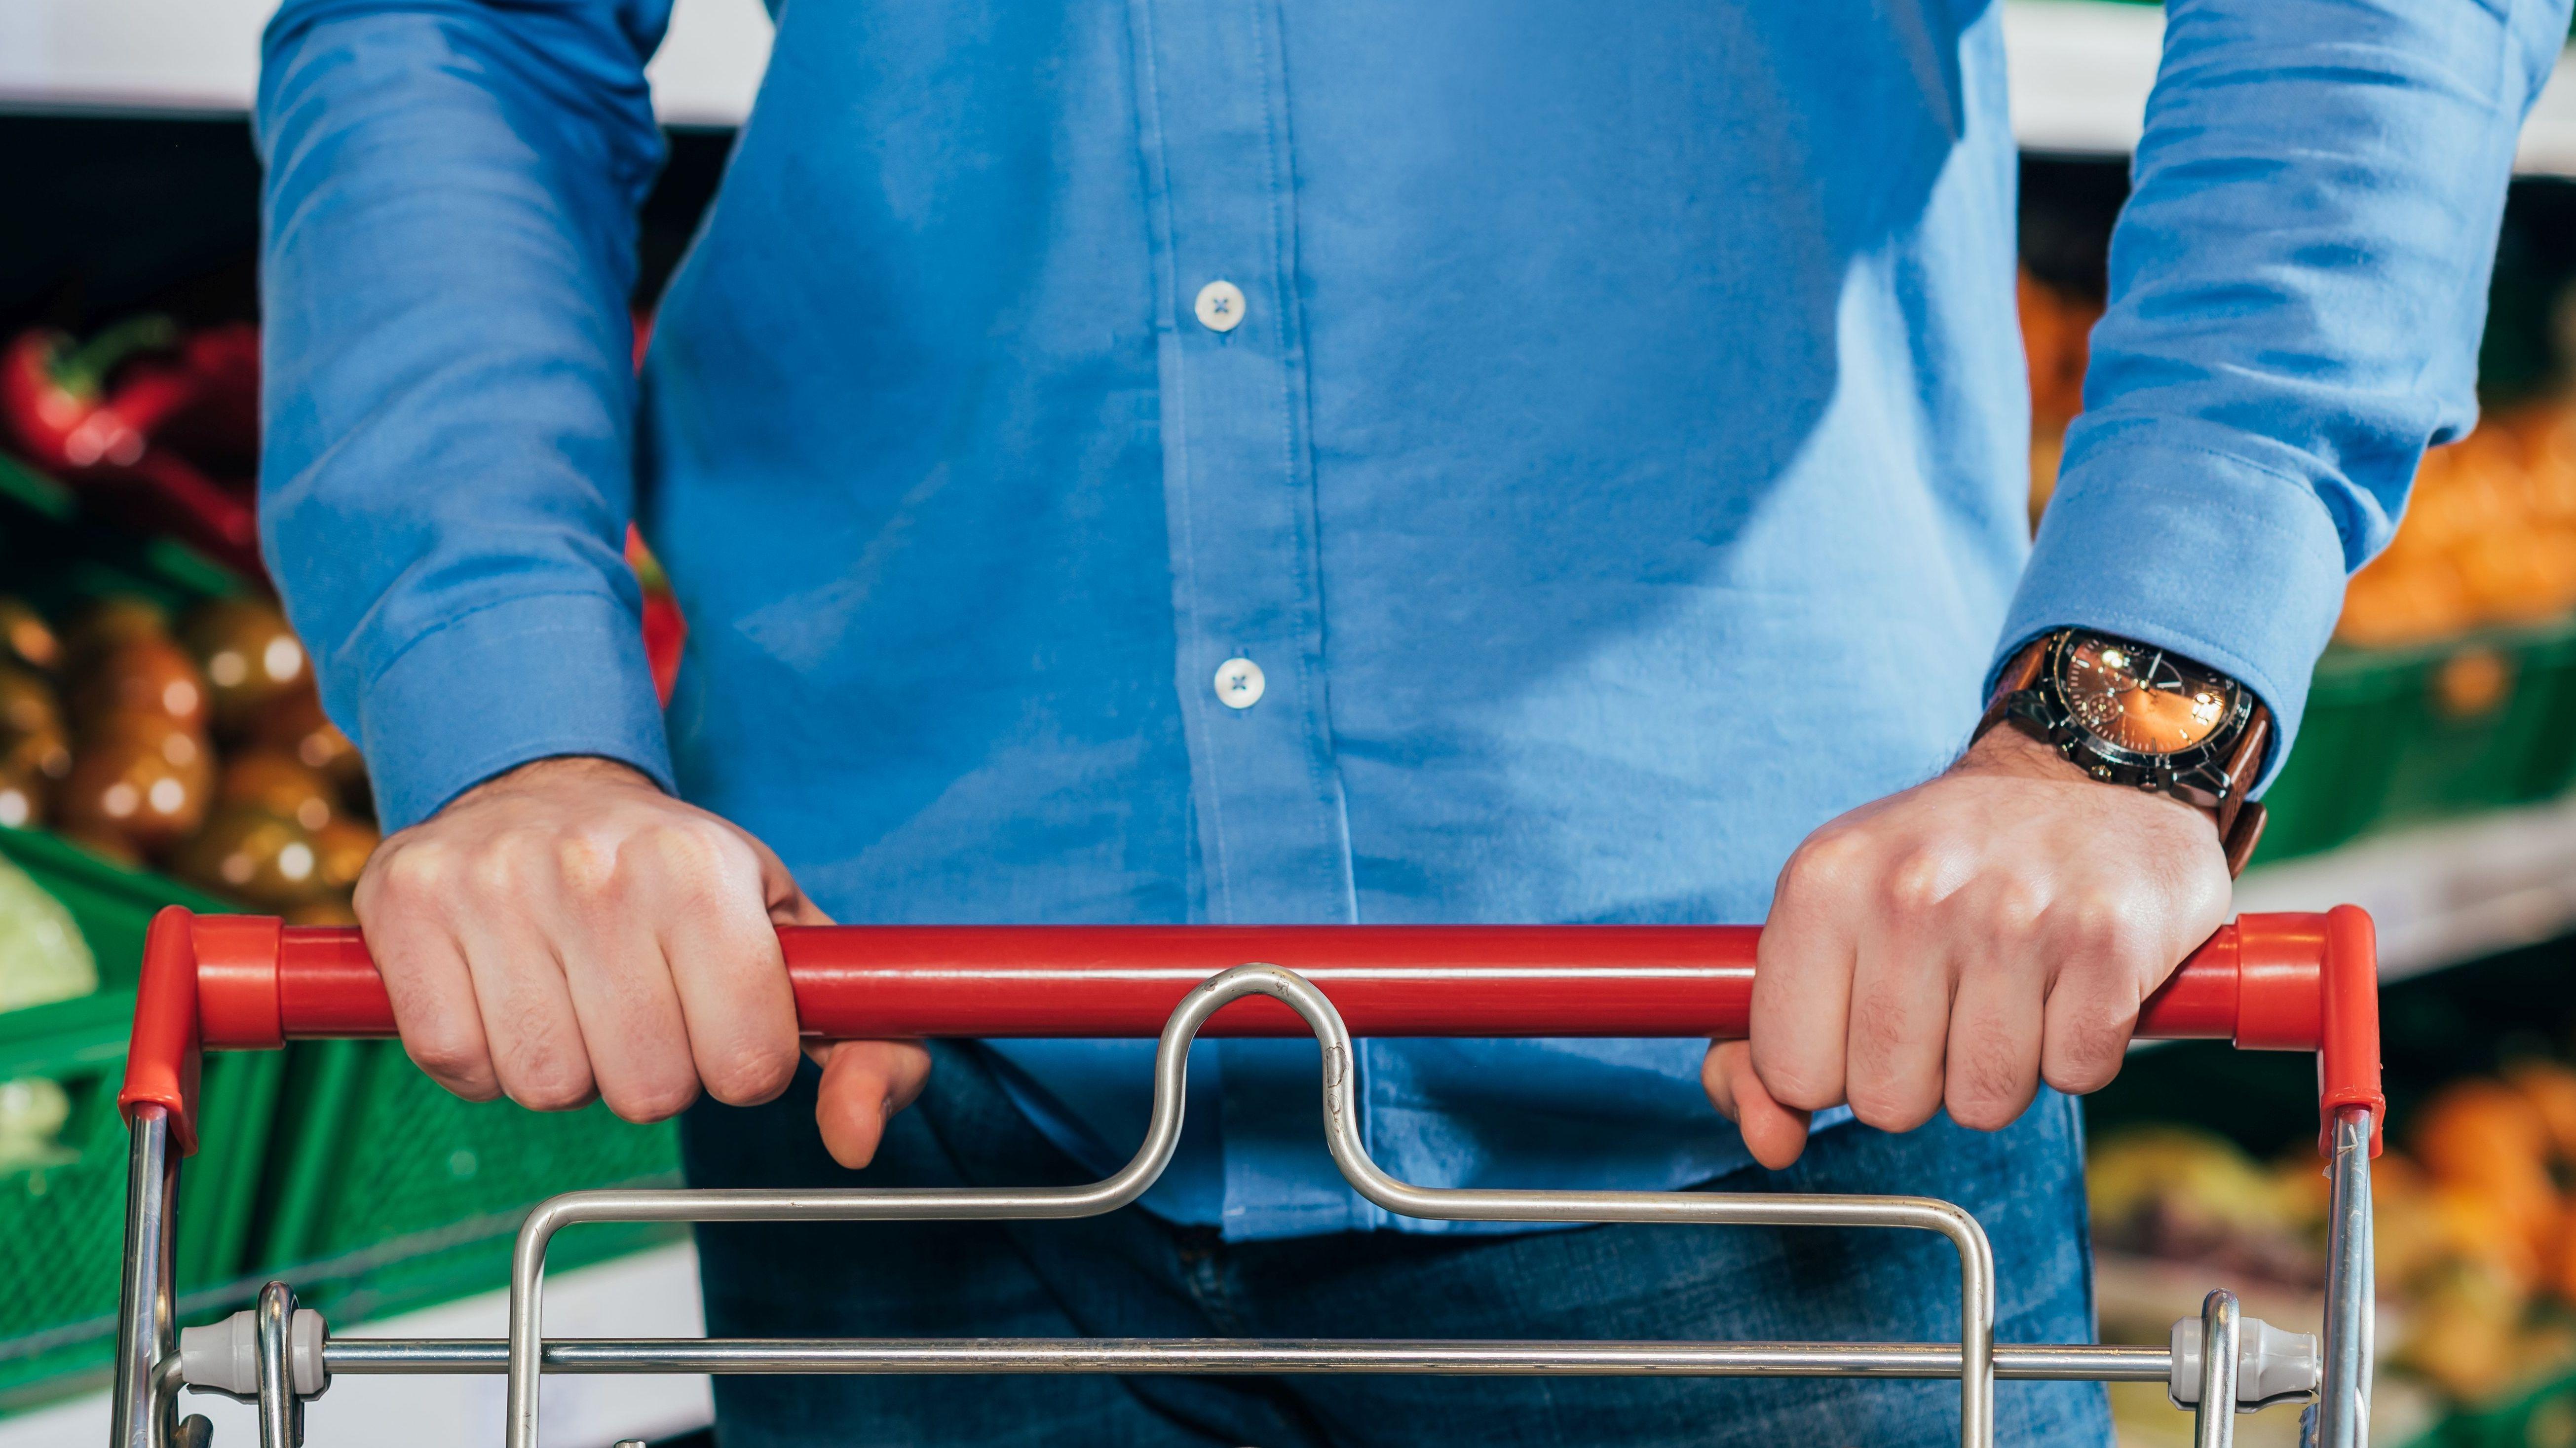 Mann mit Einnkaufswagen in Supermarkt